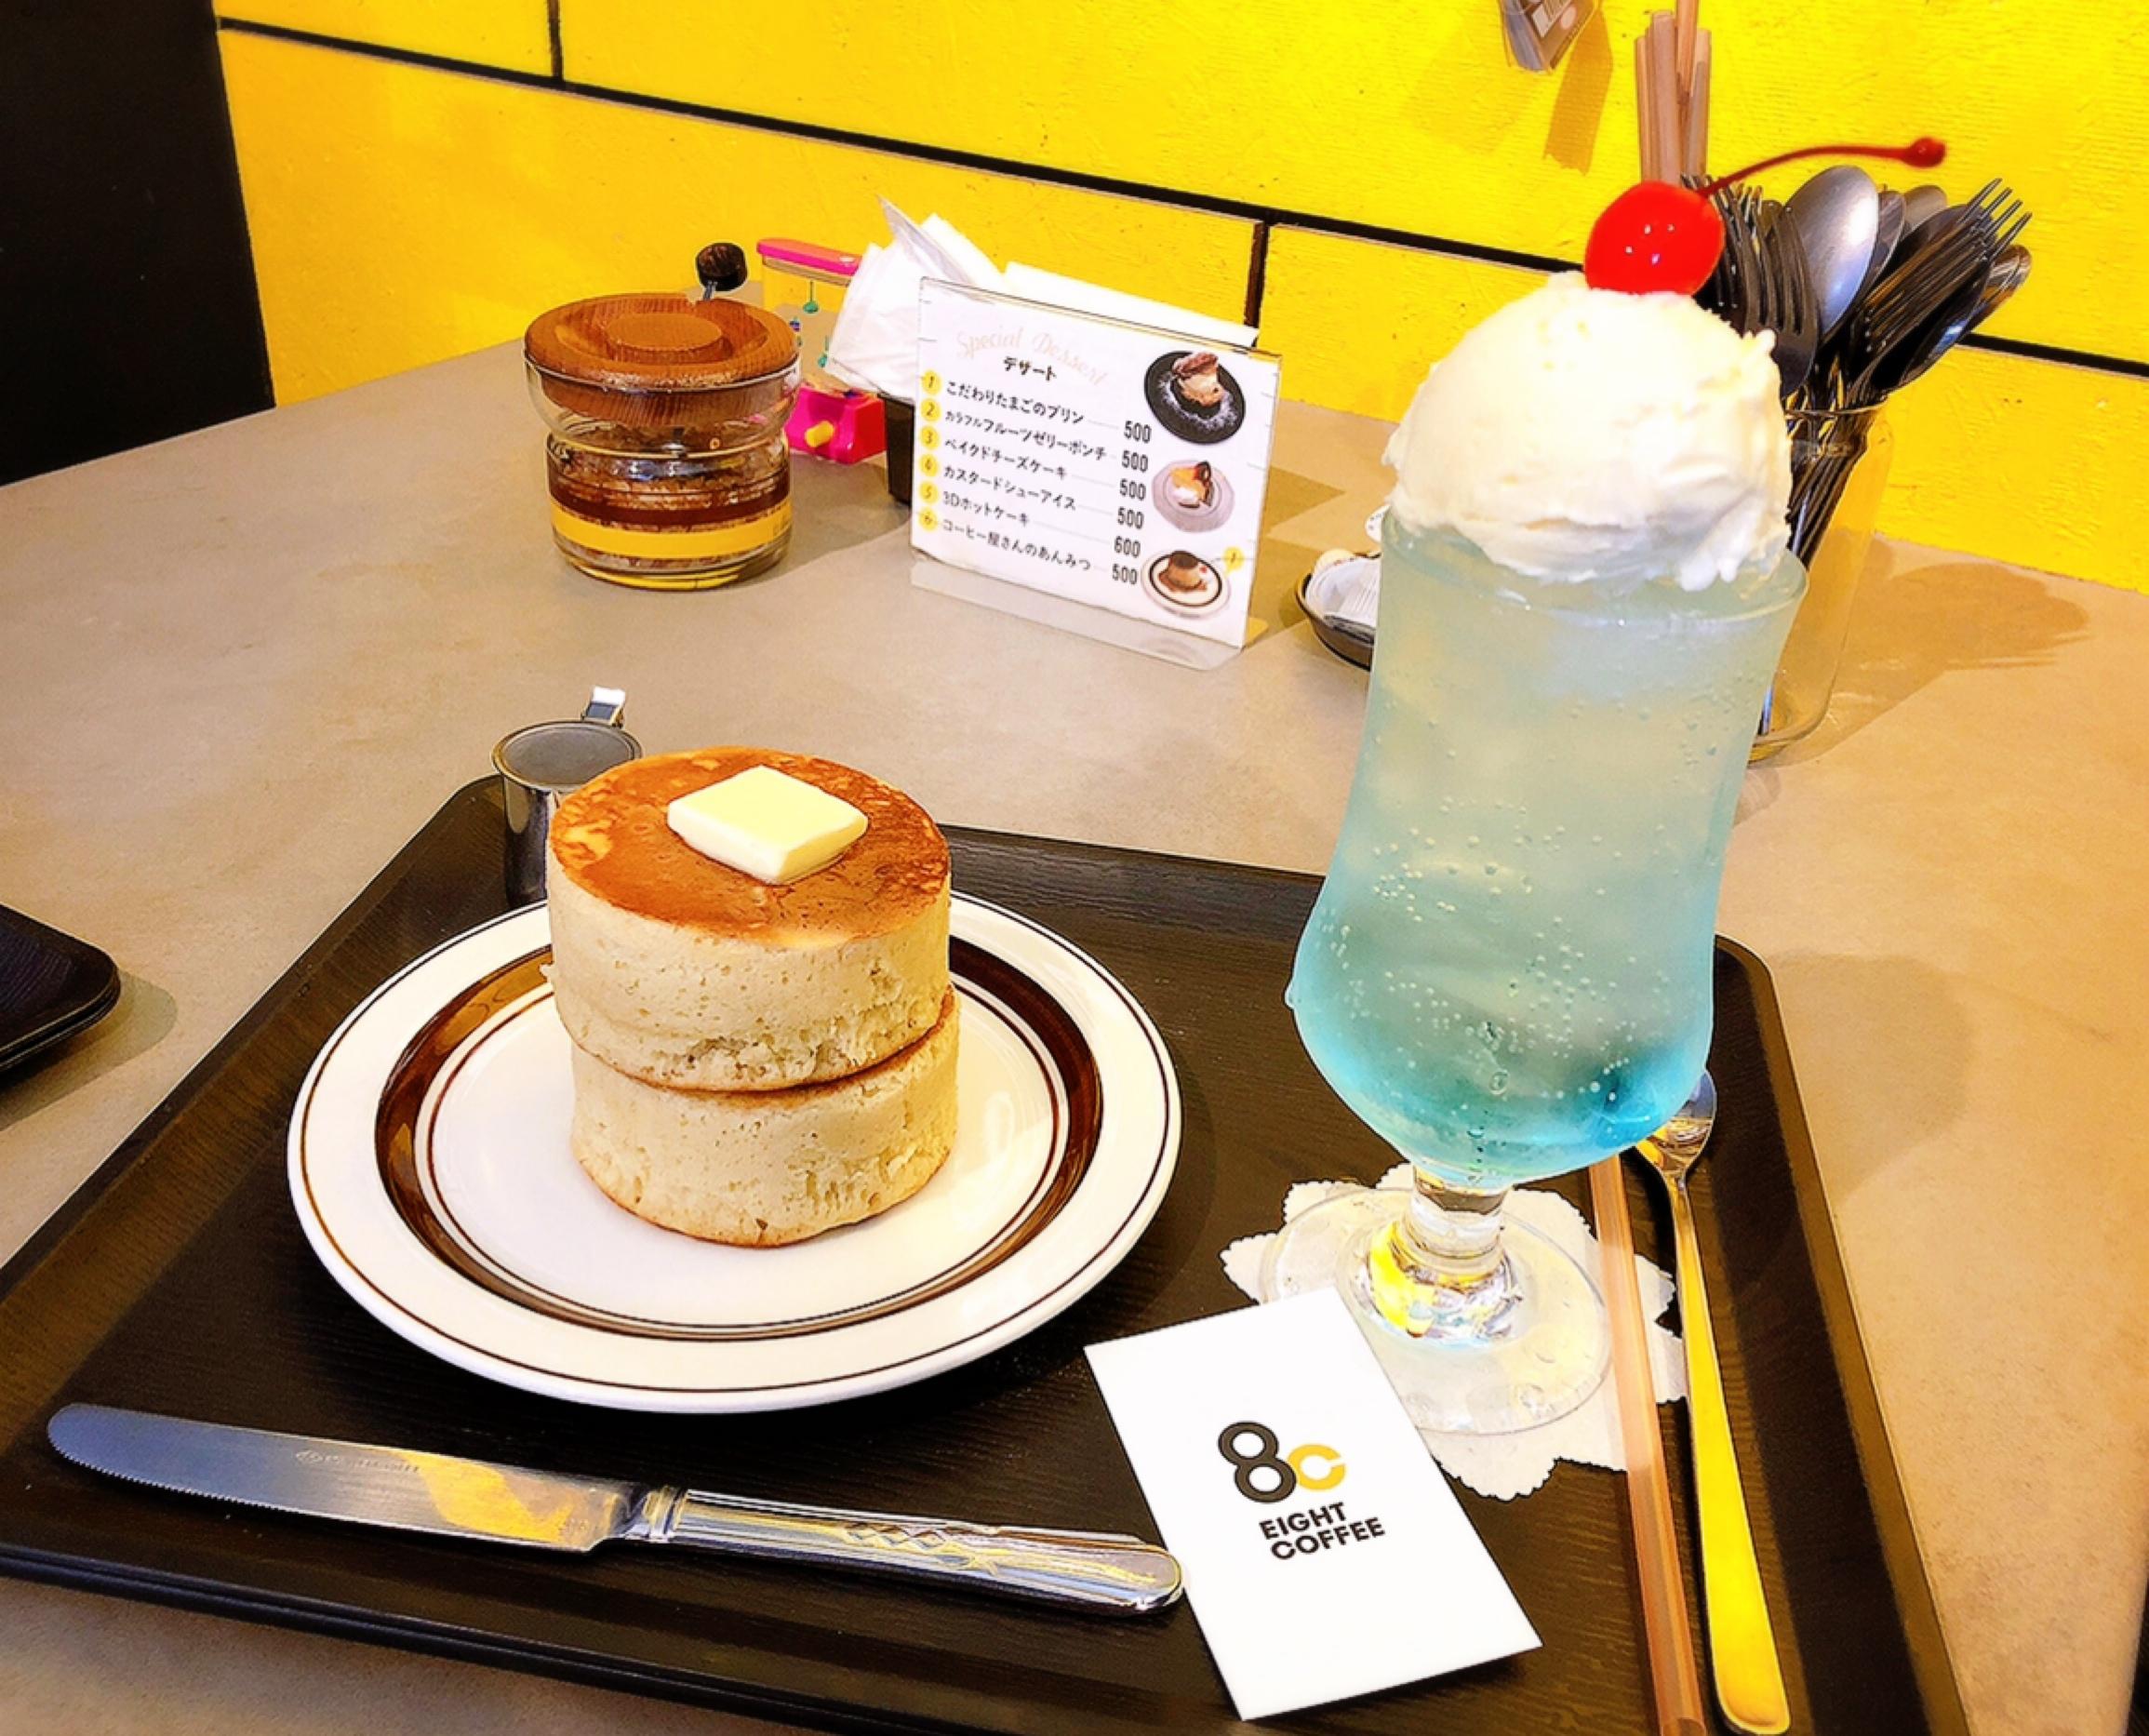 【#静岡】空色クリームソーダとふかふか3Dホットケーキ♡純喫茶風のモダンなカフェ《8COFFEE》_6